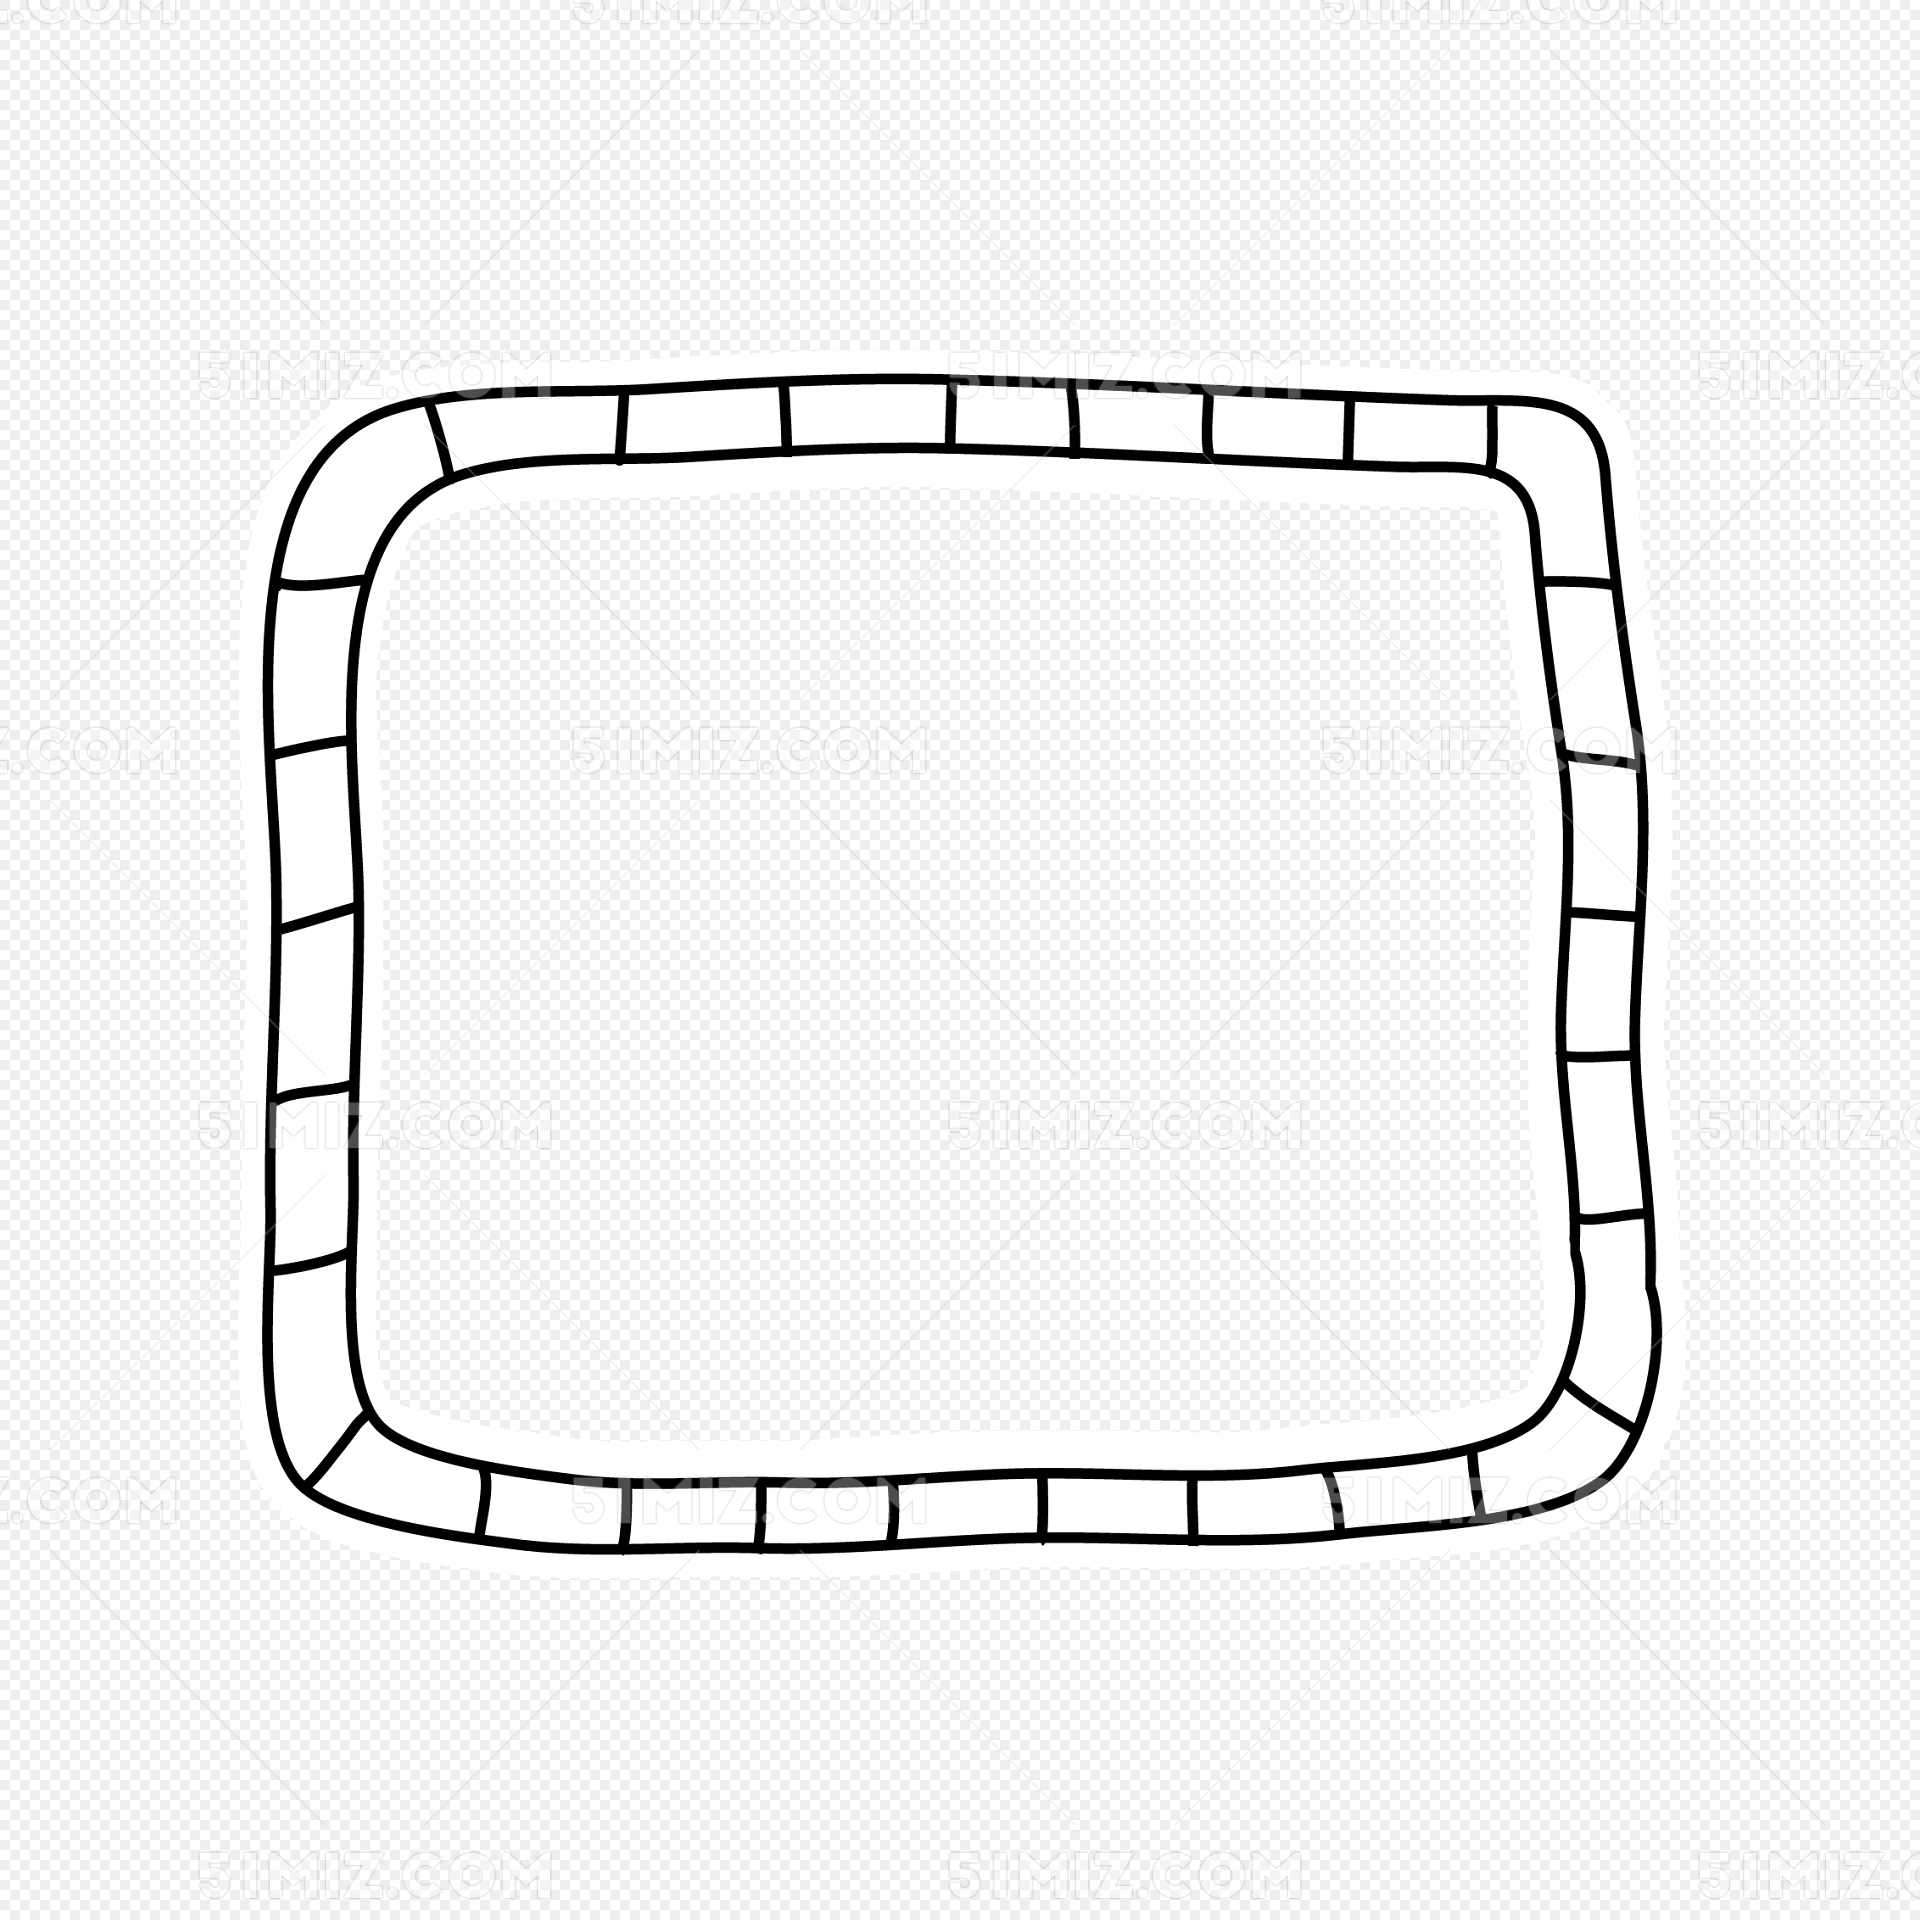 手绘相框素材 卡通手绘线条方框